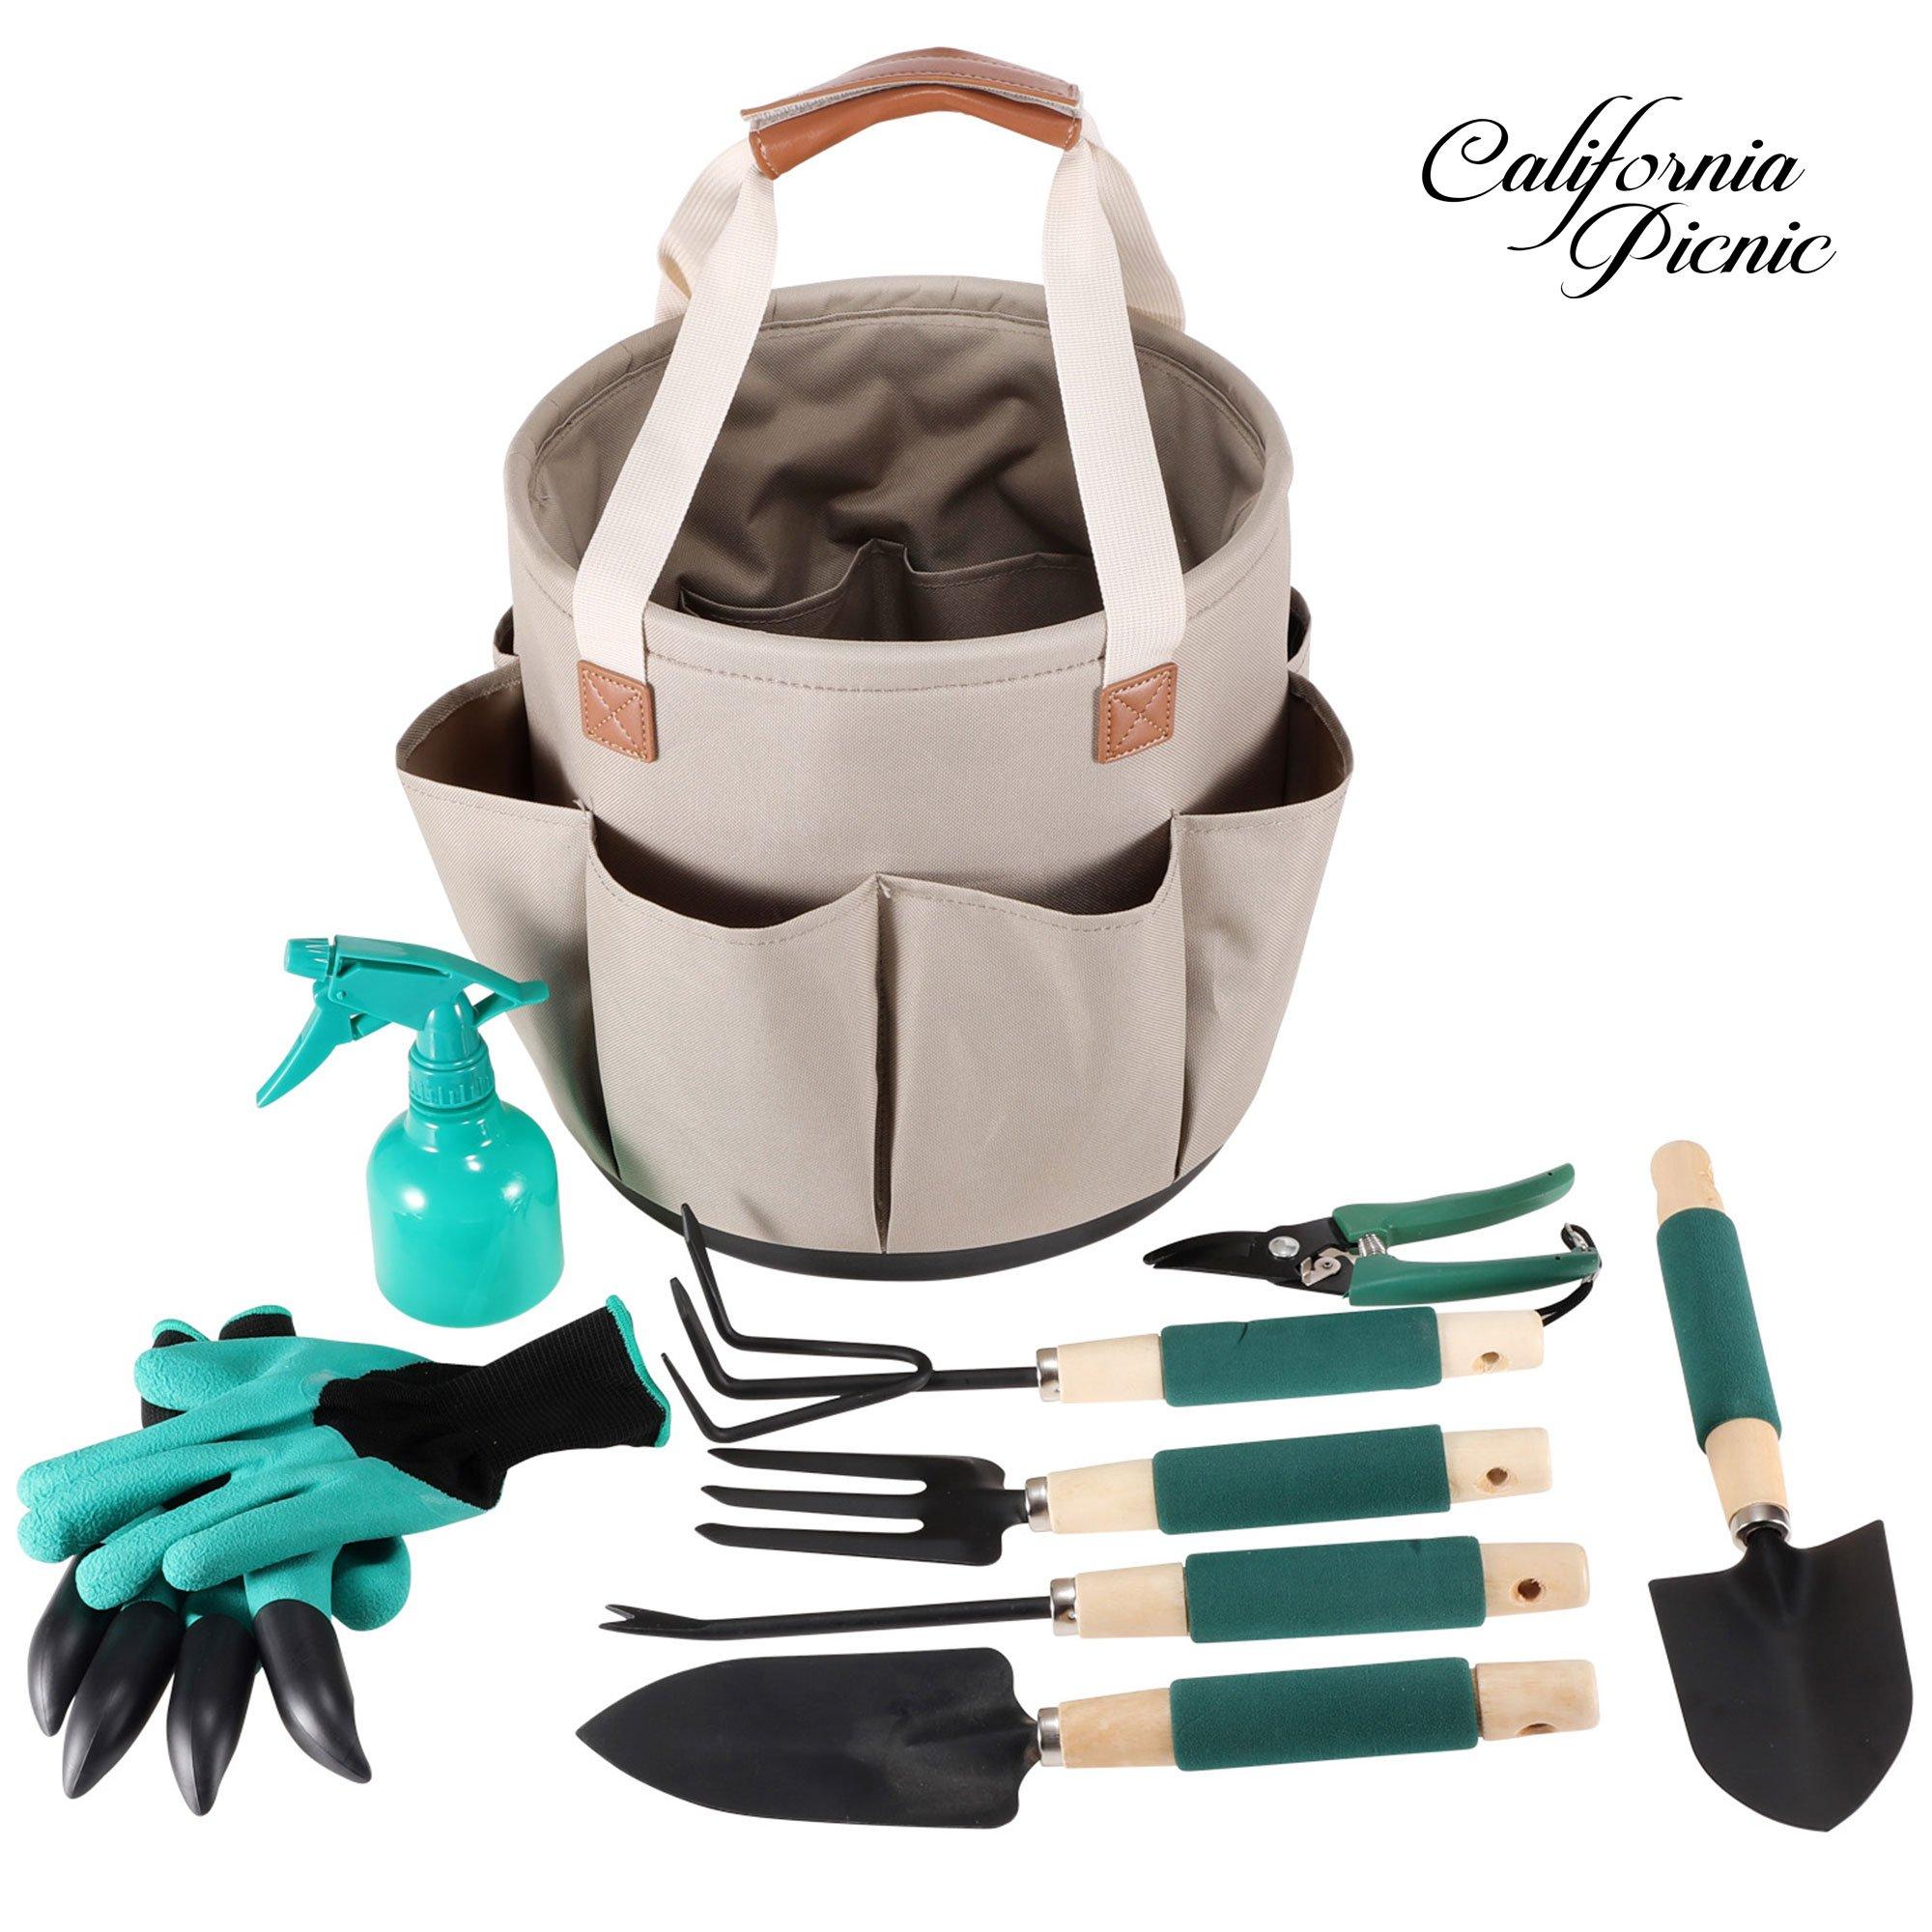 Garden Tool Organizer | Gardening Gifts | Gardening Tools Set | 9 Piece Garden Tool Set | Digging Claw Gardening Gloves Succulent Tool Set | Planting Tools | Gardening Supplies Basket | Rake Gloves